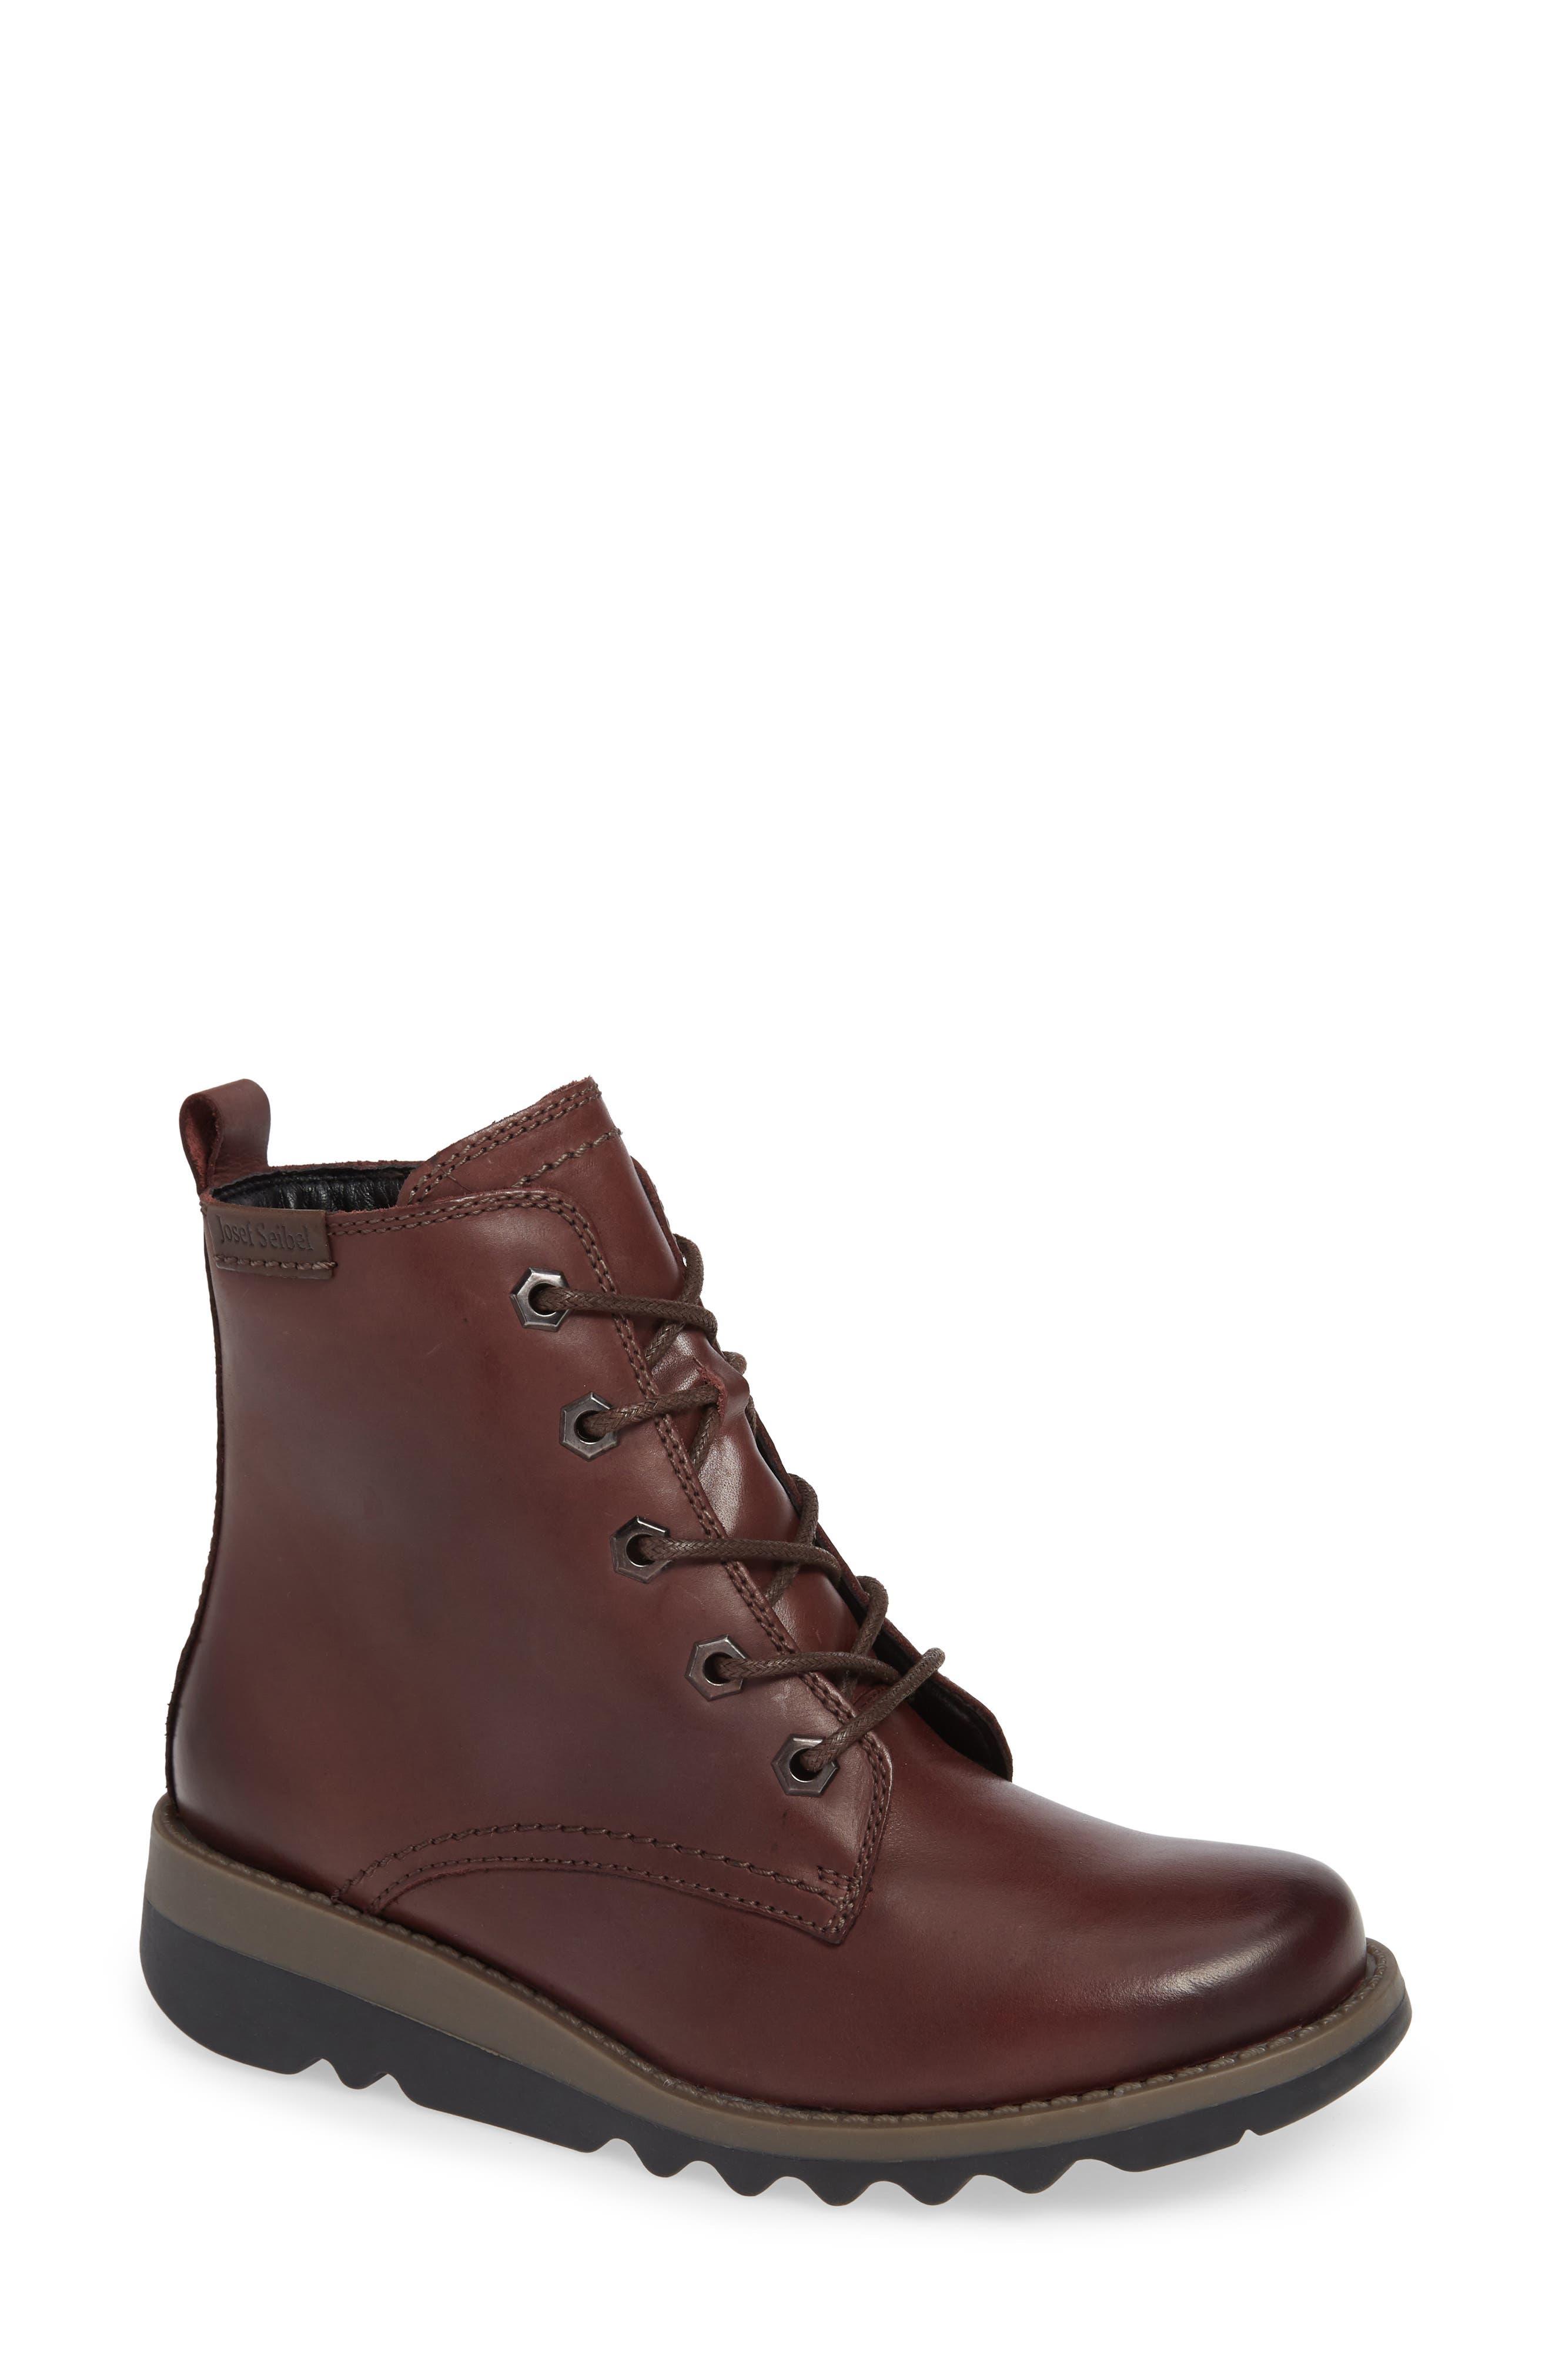 47c265721a11c1 Women s Josef Seibel Boots   Nordstrom